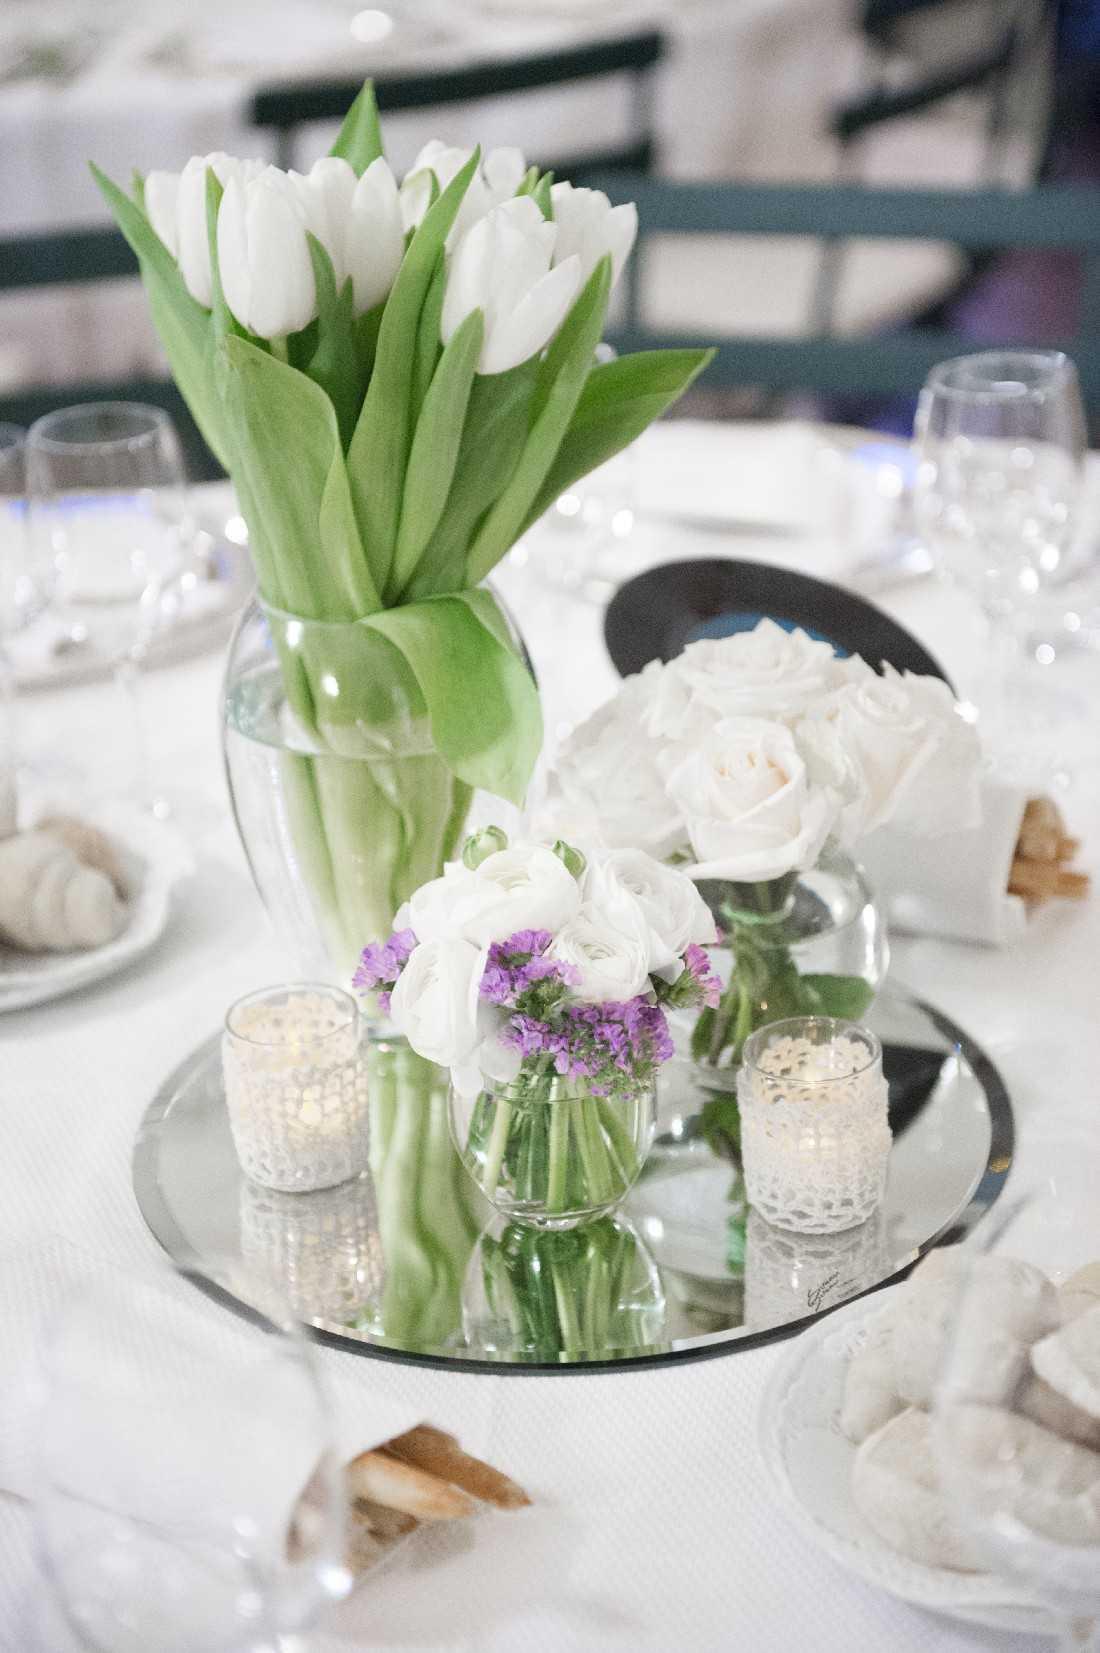 fiori per centrotavola di matrimonio a torino simmi floral